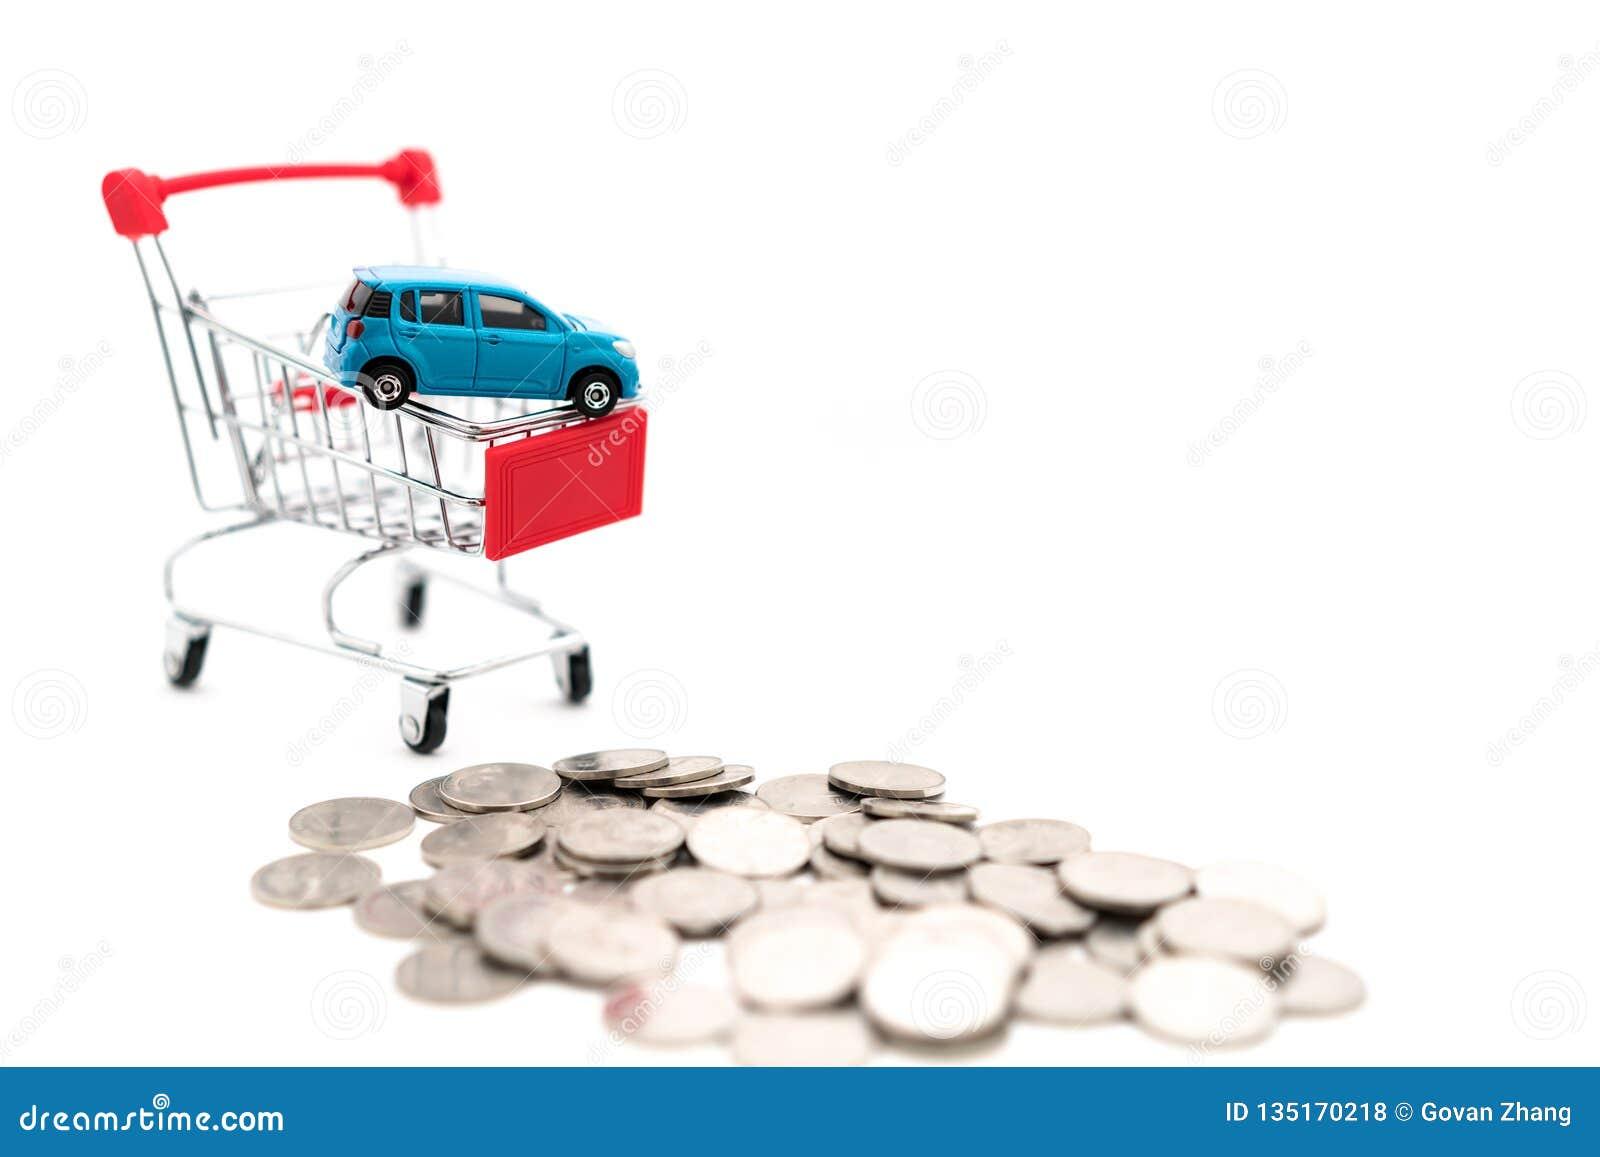 Images de achat de concept de voiture